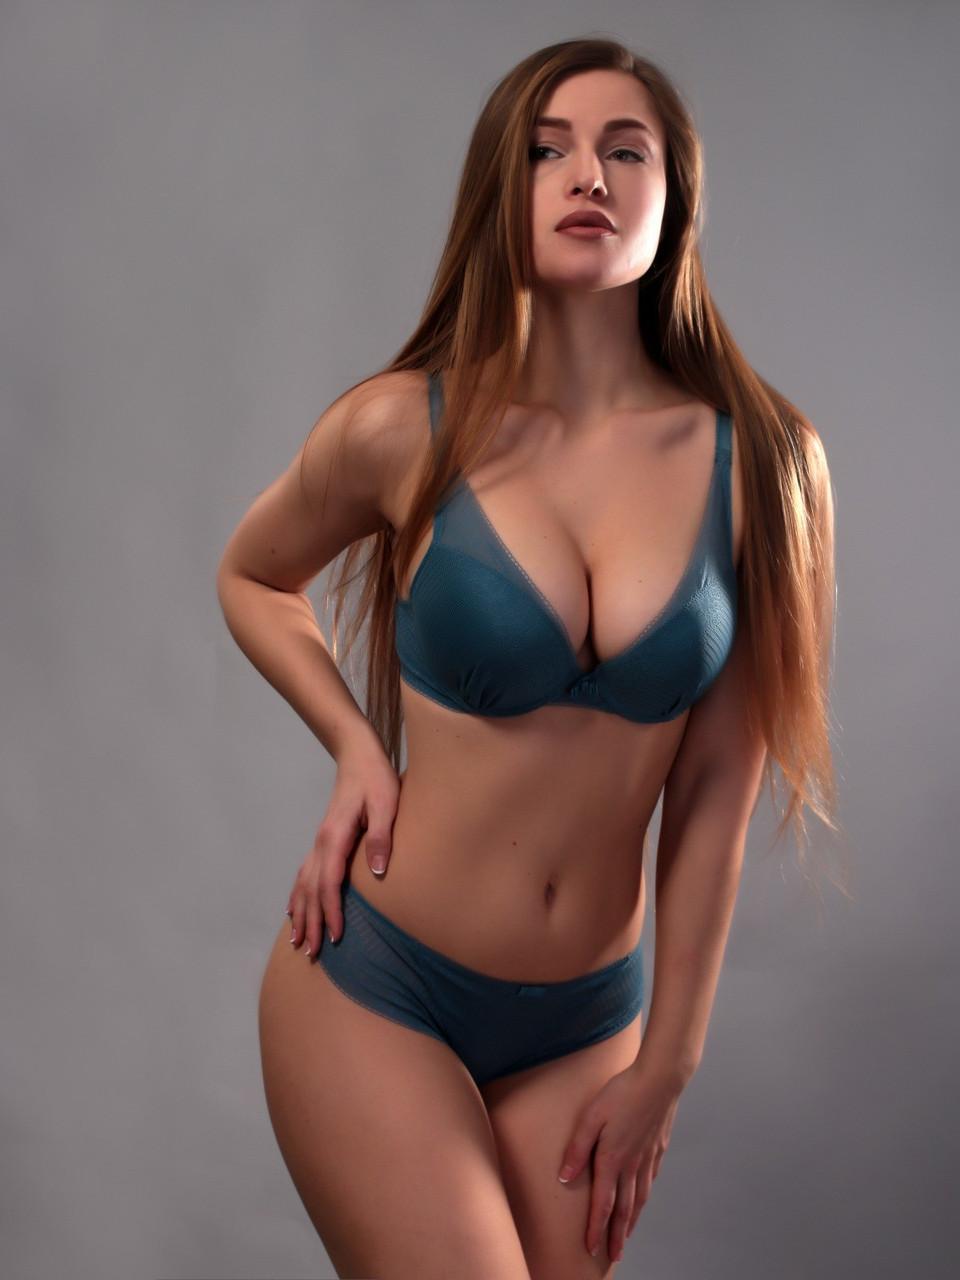 Комплект жіночої нижньої білизни Acousma A6469BC-P6469H оптом, чашка C, колір Синій